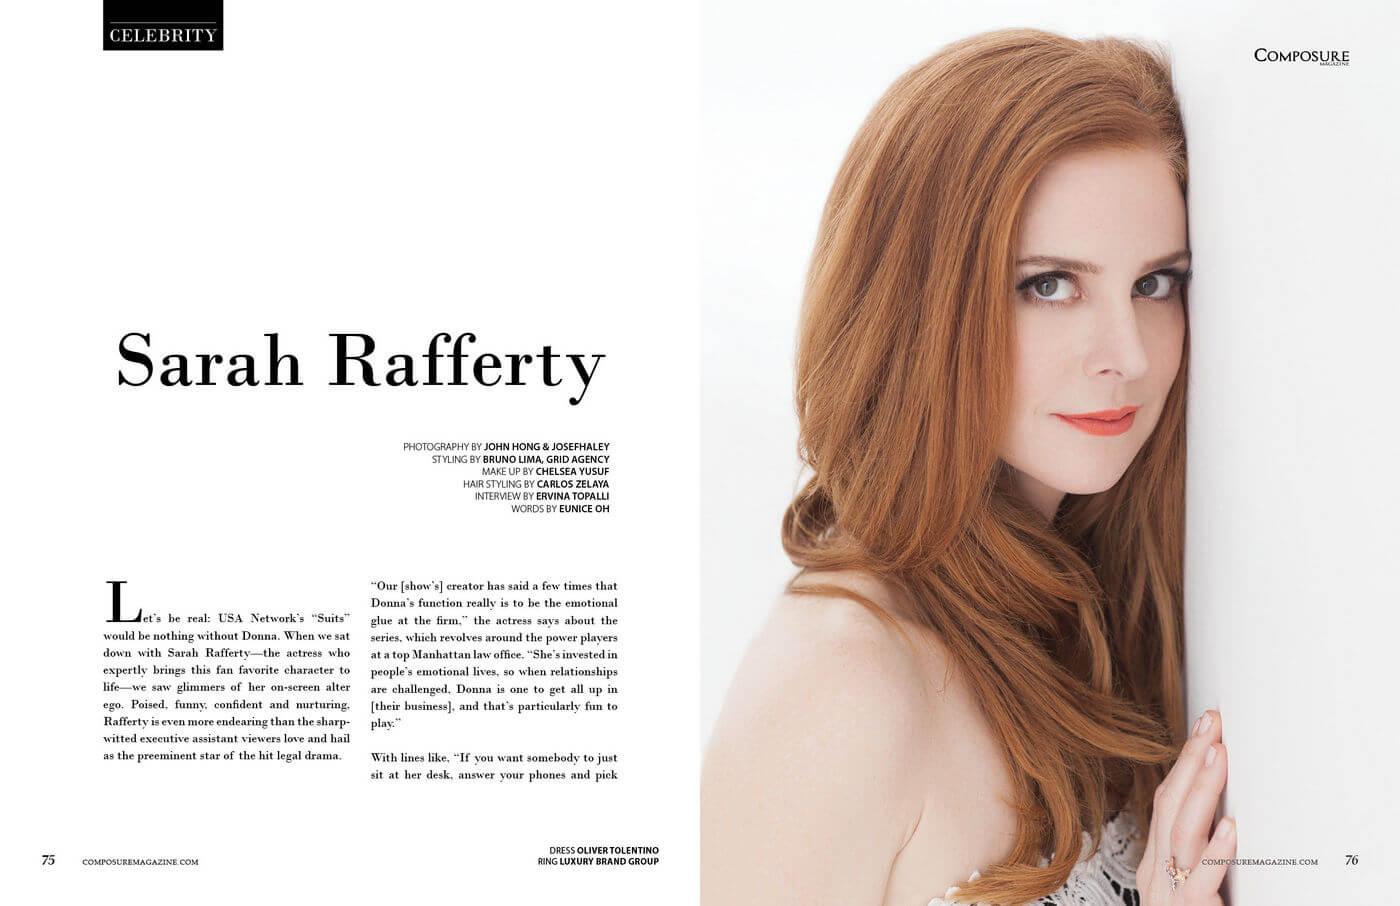 sarah rafferty imdb